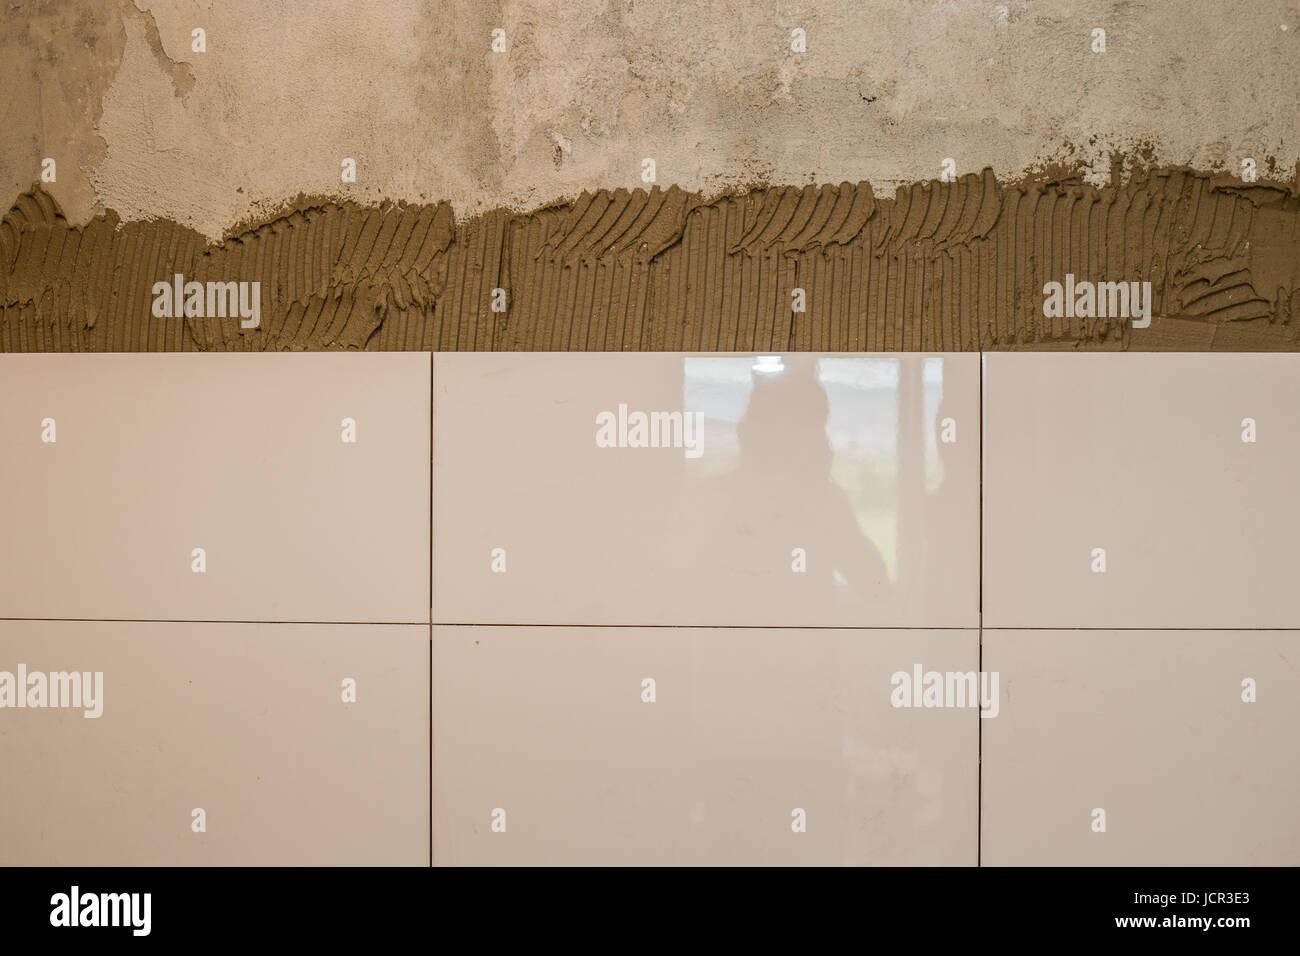 Ceramista di piastrella applicato adesivo sulla parete bellissime